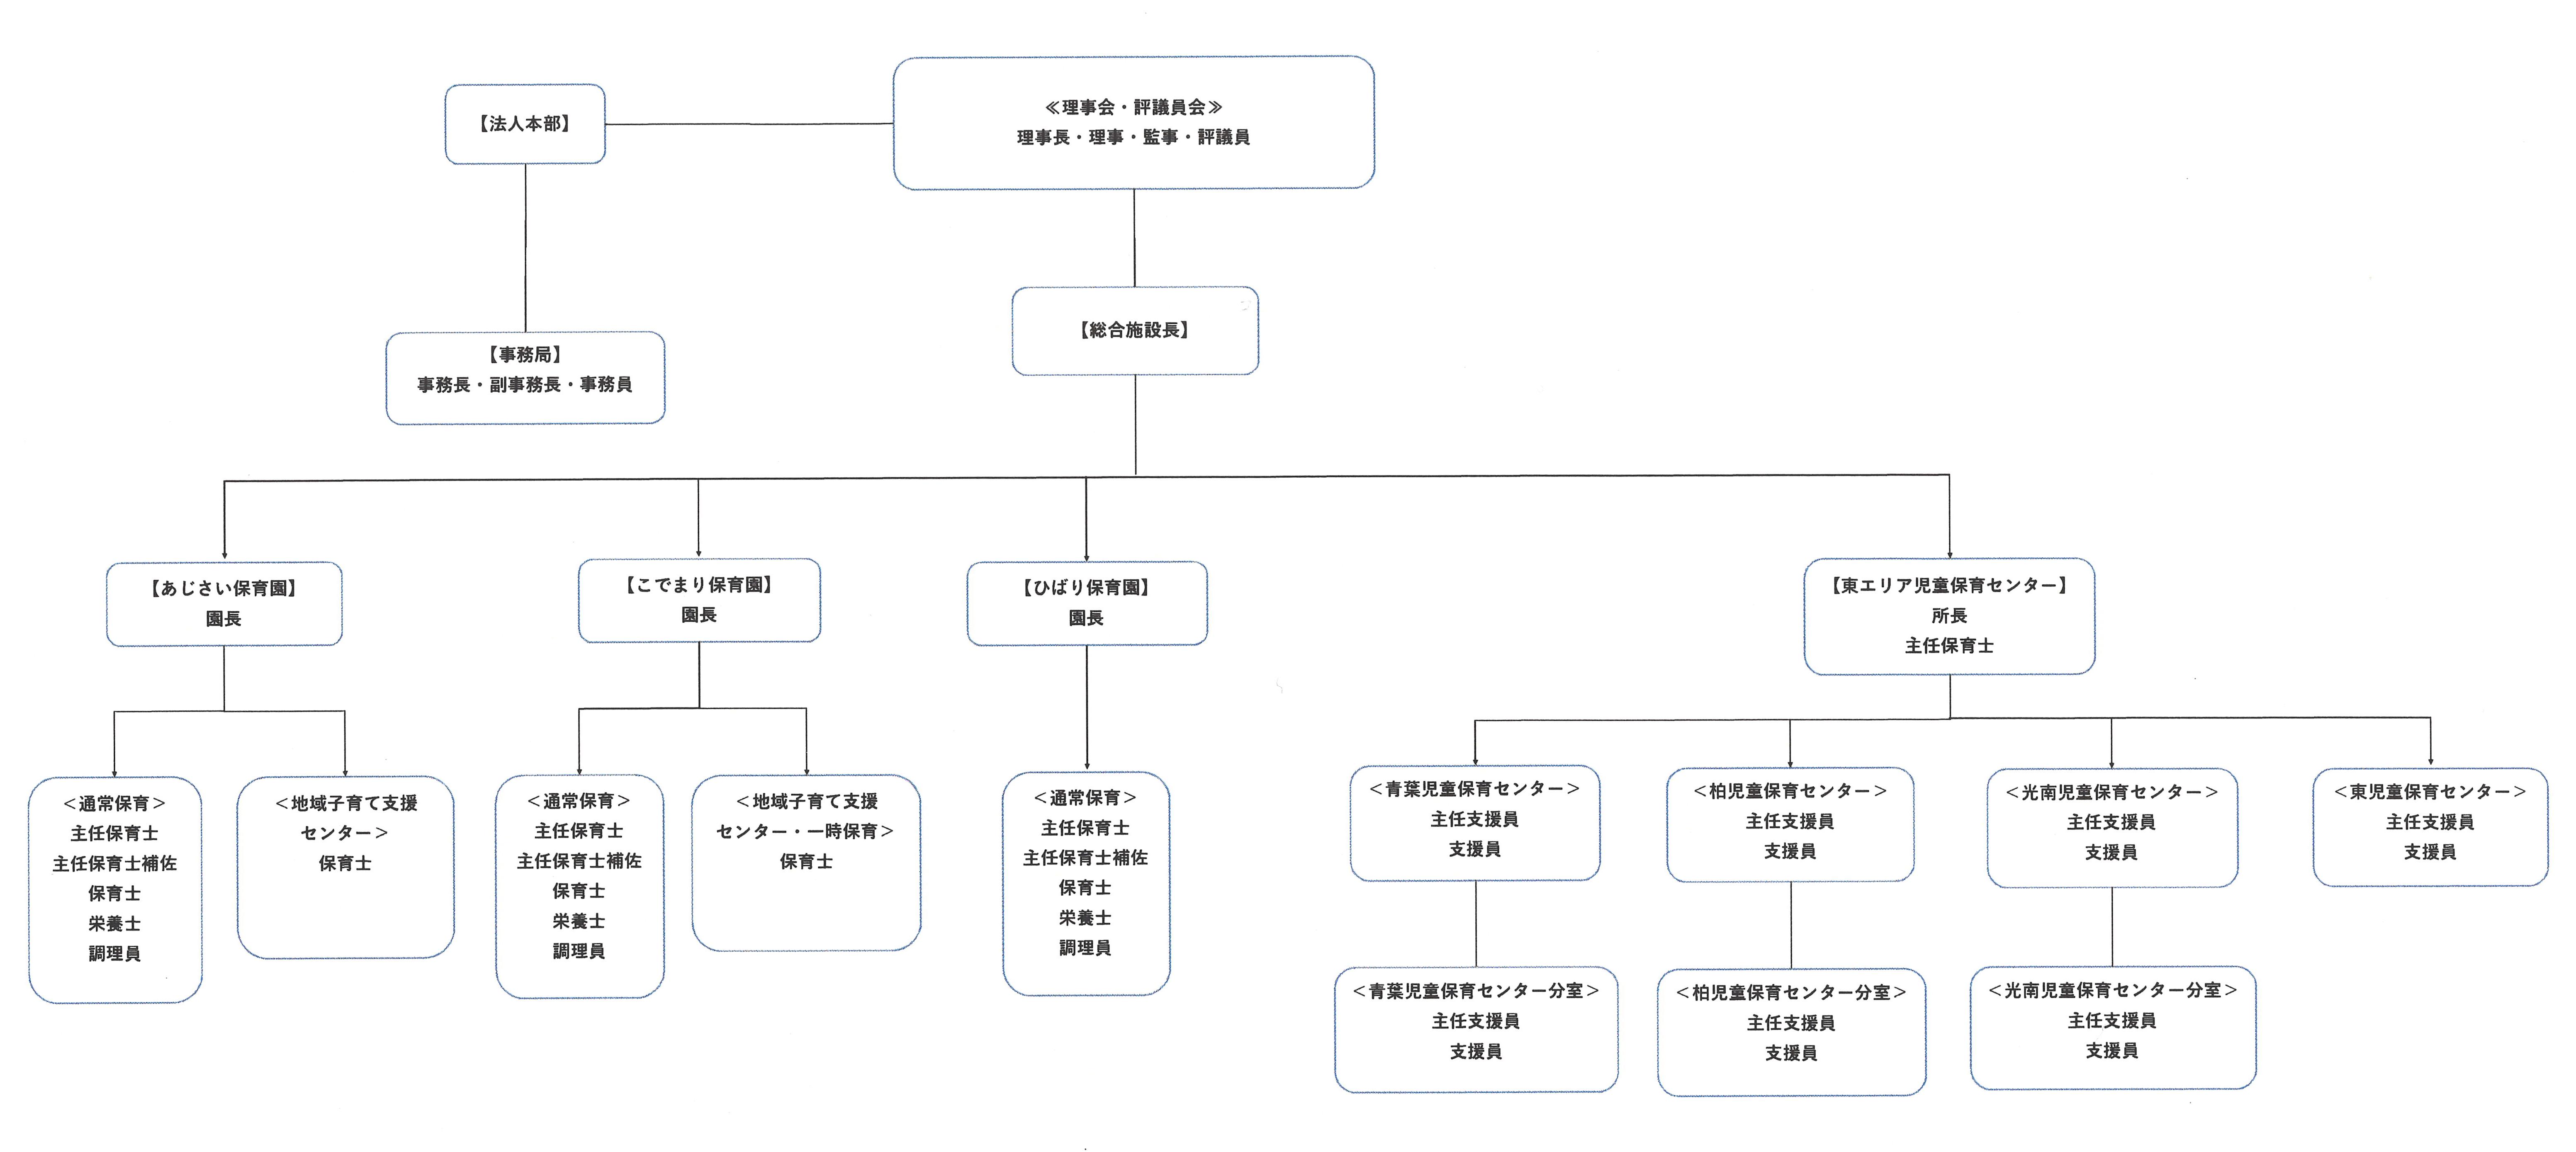 弥生福祉会 組織図